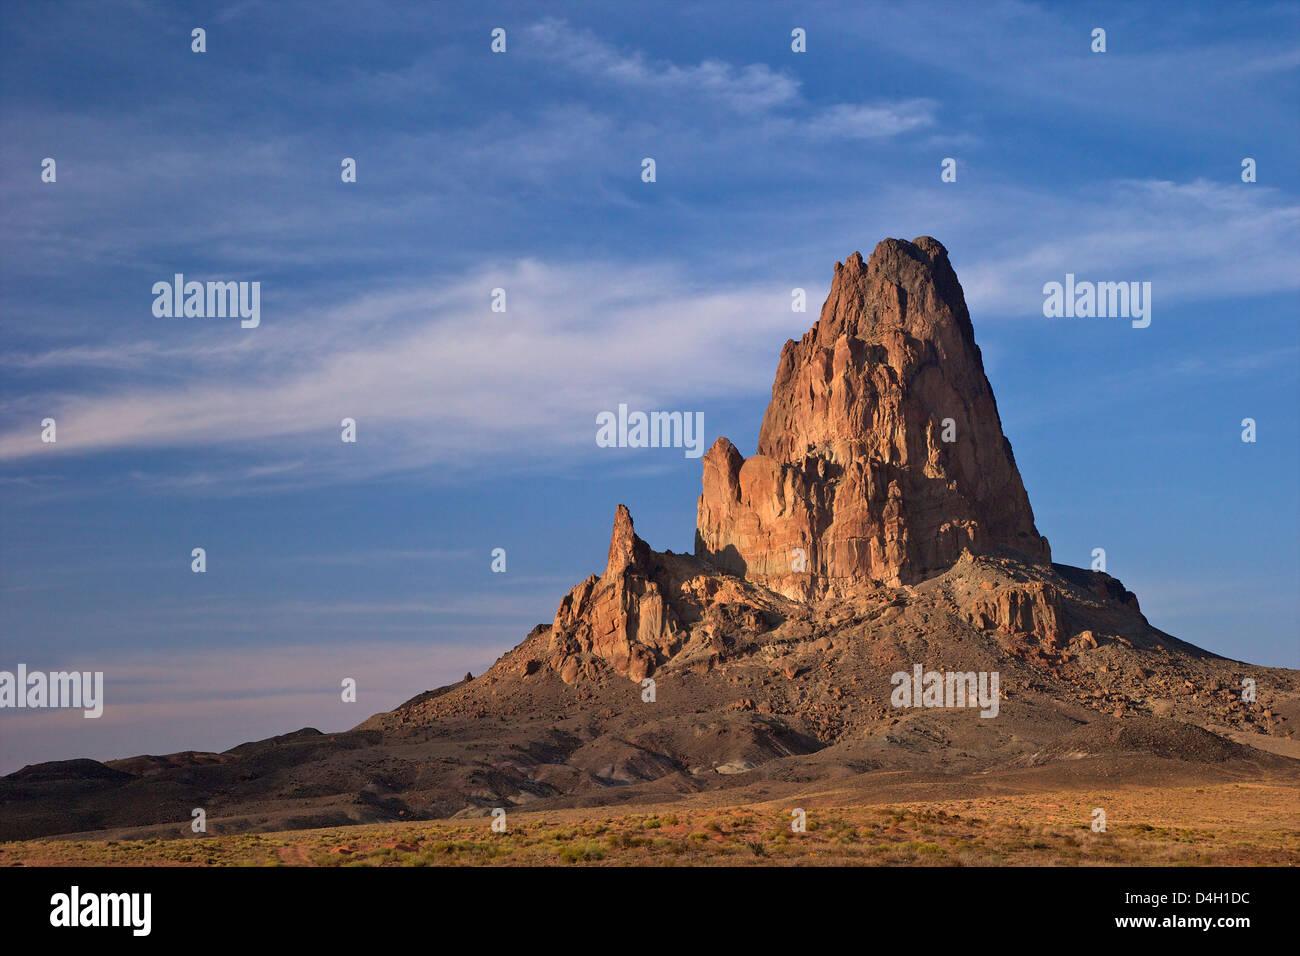 La lumière du soleil du matin sur Agathia (PIC), El habitant près de Monument Valley, sur la route 163 Photo Stock